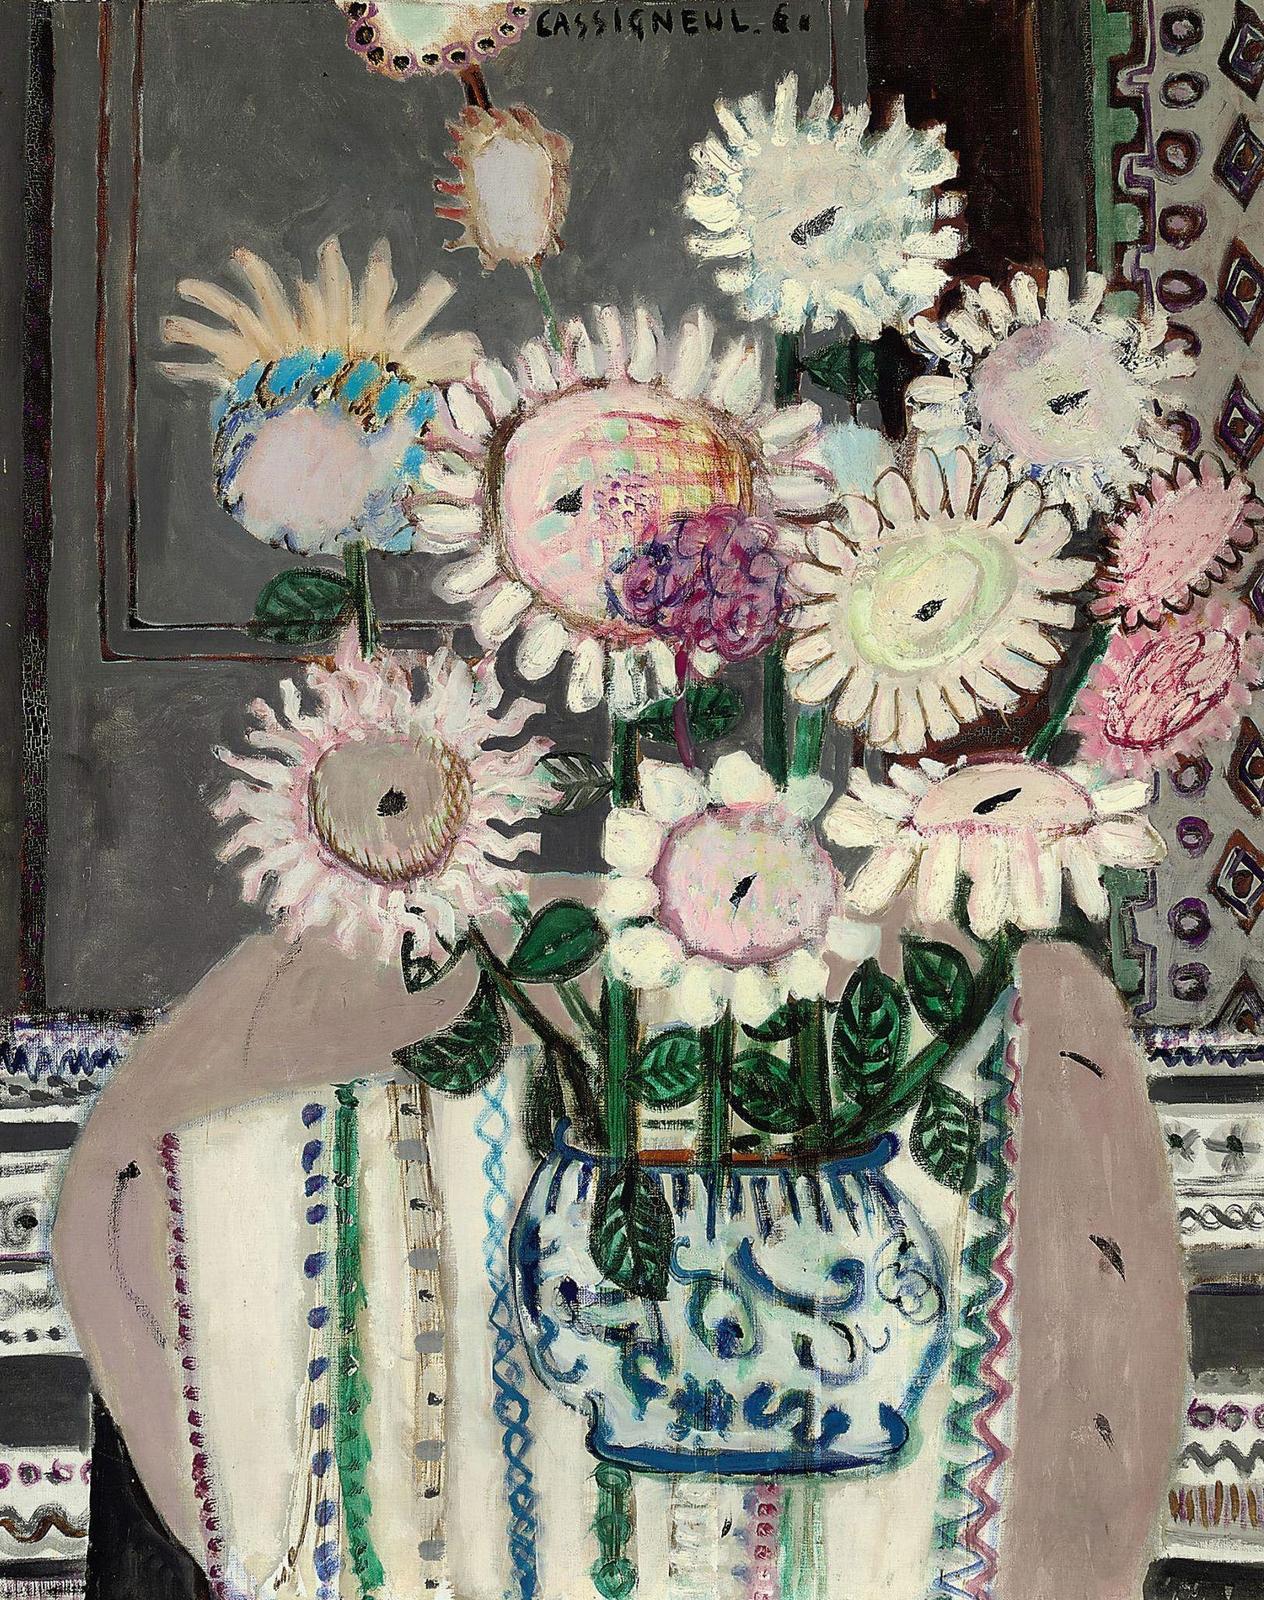 1960_Букет подсолнечников (Bouquet de tournesols)_93 x 75_х.,м._х.,м._Частное собрание.jpg